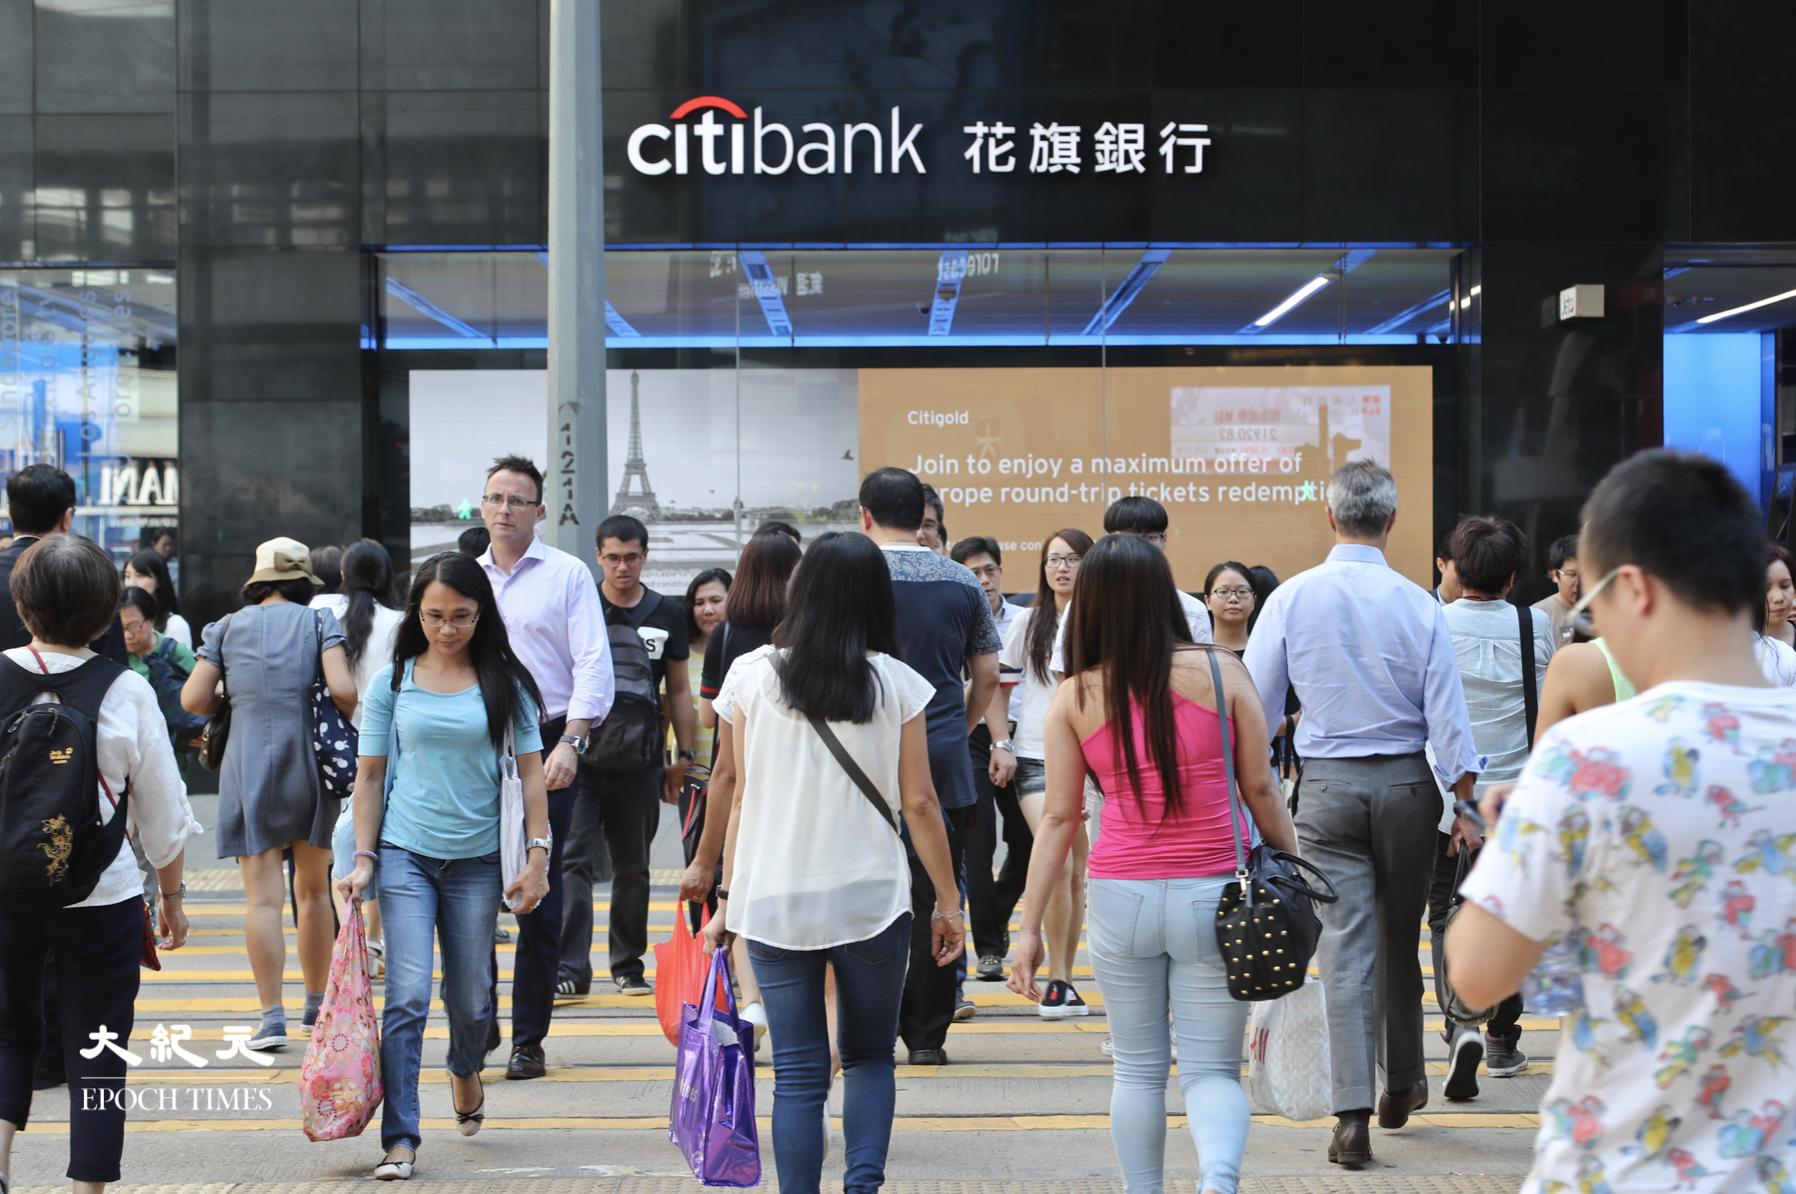 花旗銀行於上月以7.1億港元售出位於中環會德豐大廈地下的複式舖位。圖為中環花旗銀行。(余鋼/大紀元)